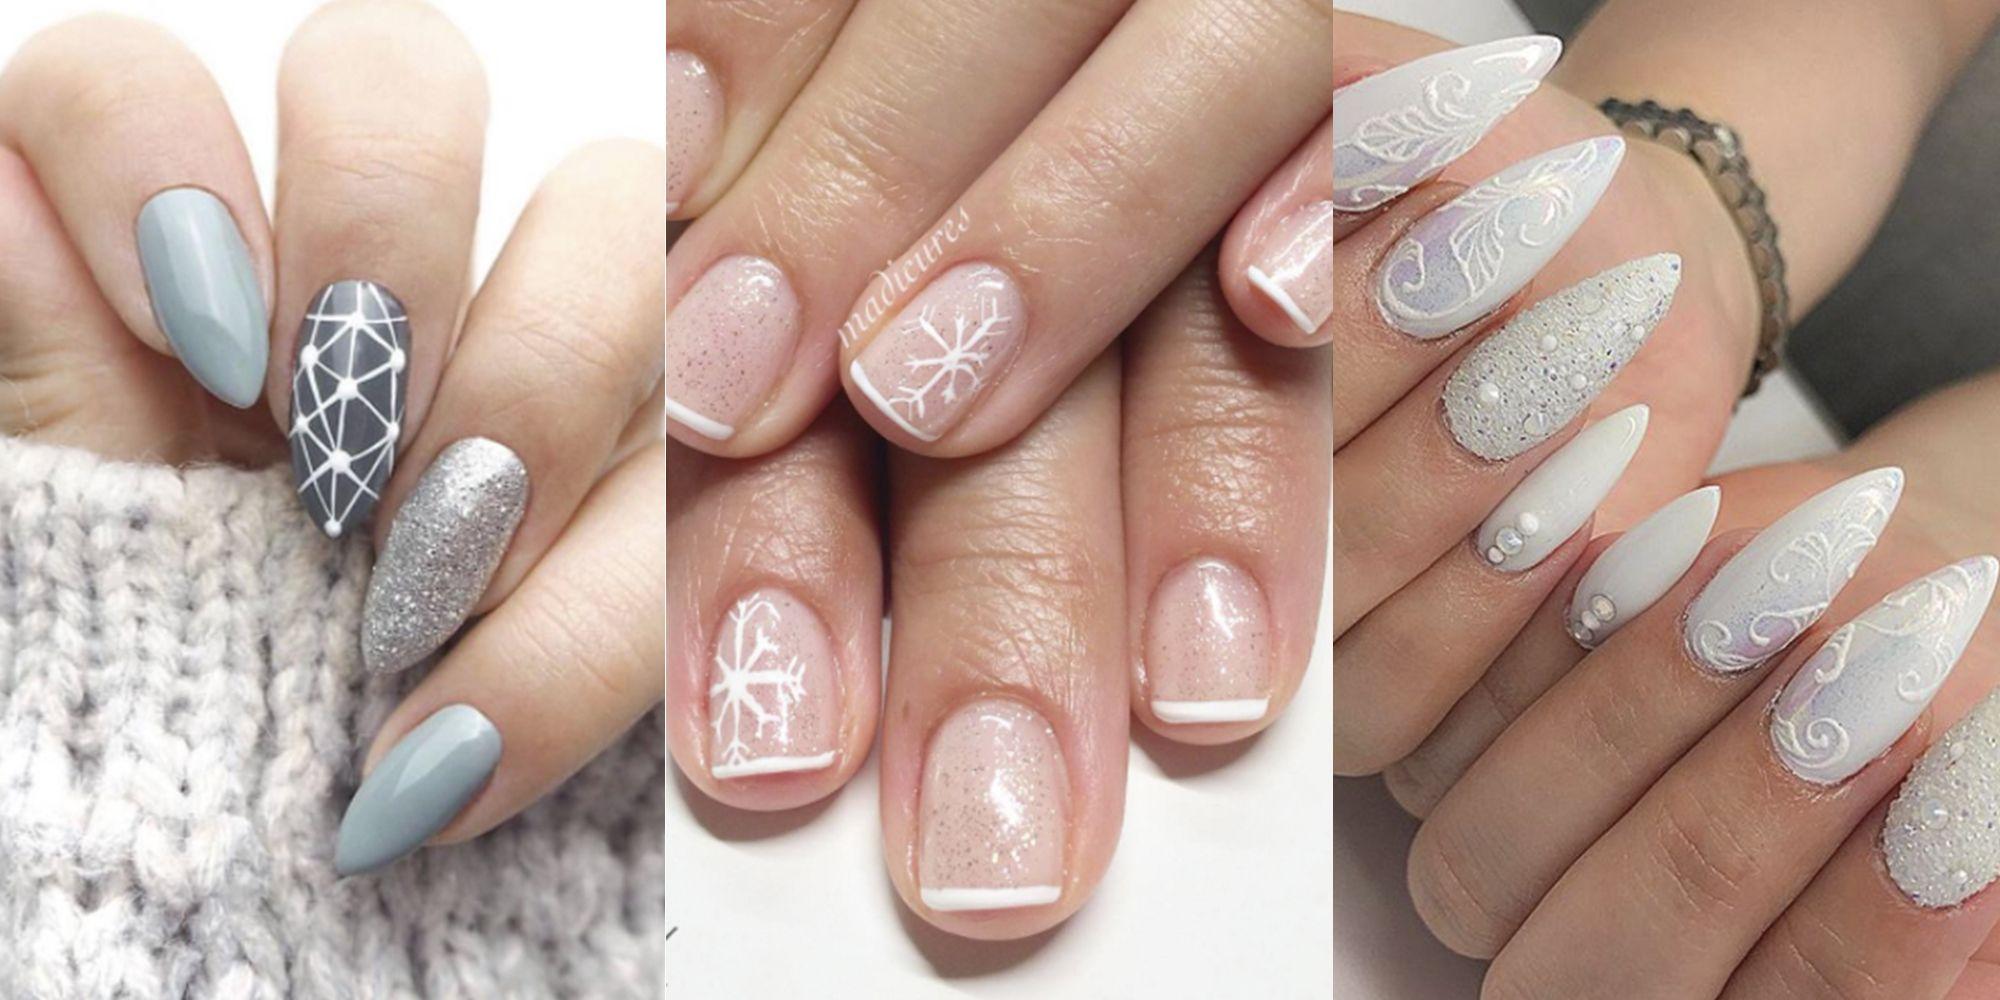 9 Cute Snowflake Nail Designs Snowflake Nail Art Ideas For A Winter